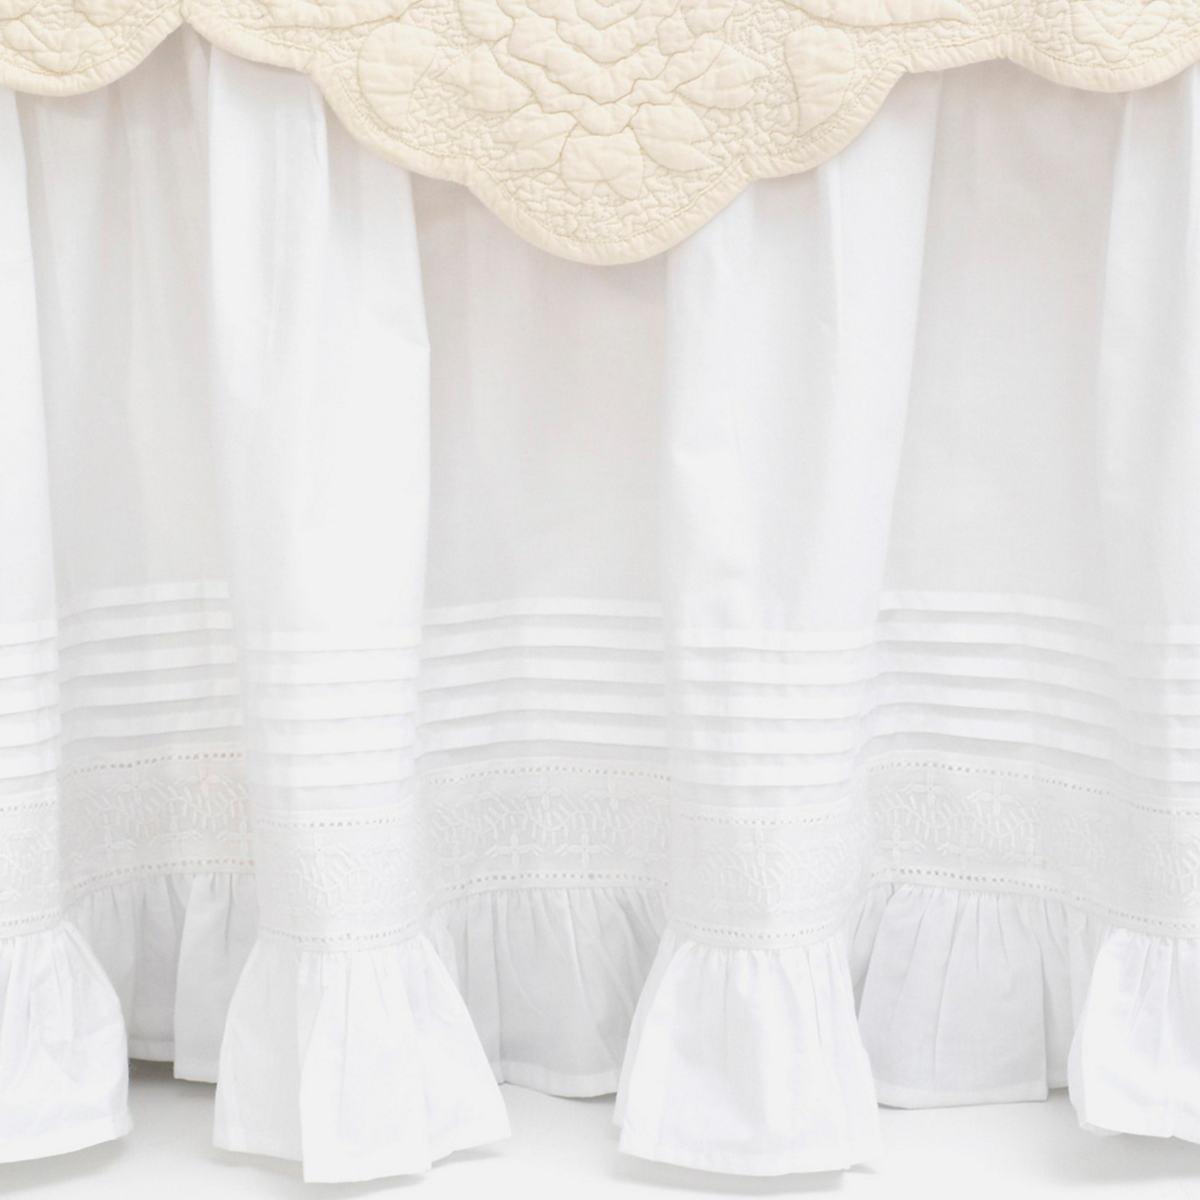 Louisa White Bed Skirt